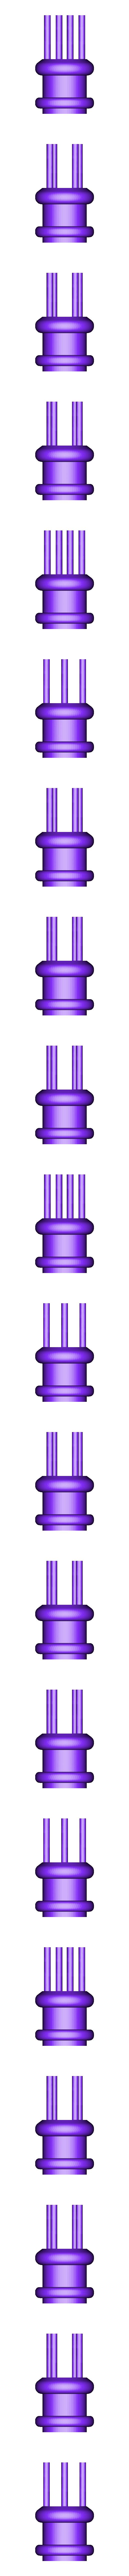 Thumper_body_4.stl Télécharger fichier STL gratuit Dune Thumper - au travail • Design à imprimer en 3D, poblocki1982